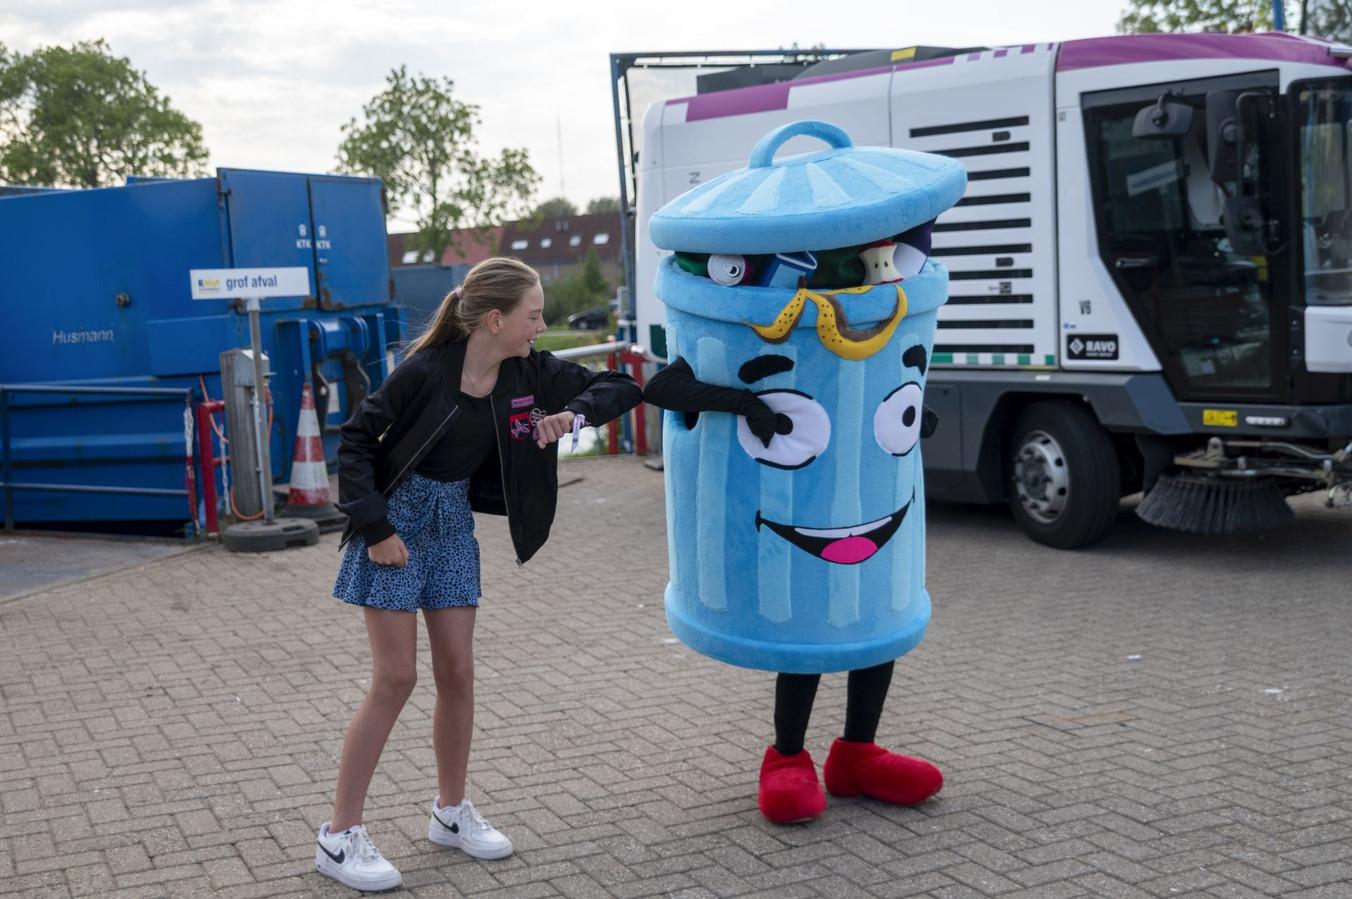 Basisscholiere Stacey uit Nieuwegein met de door haar bedachte mascotte tegen zwerfafval 'Prullie'.